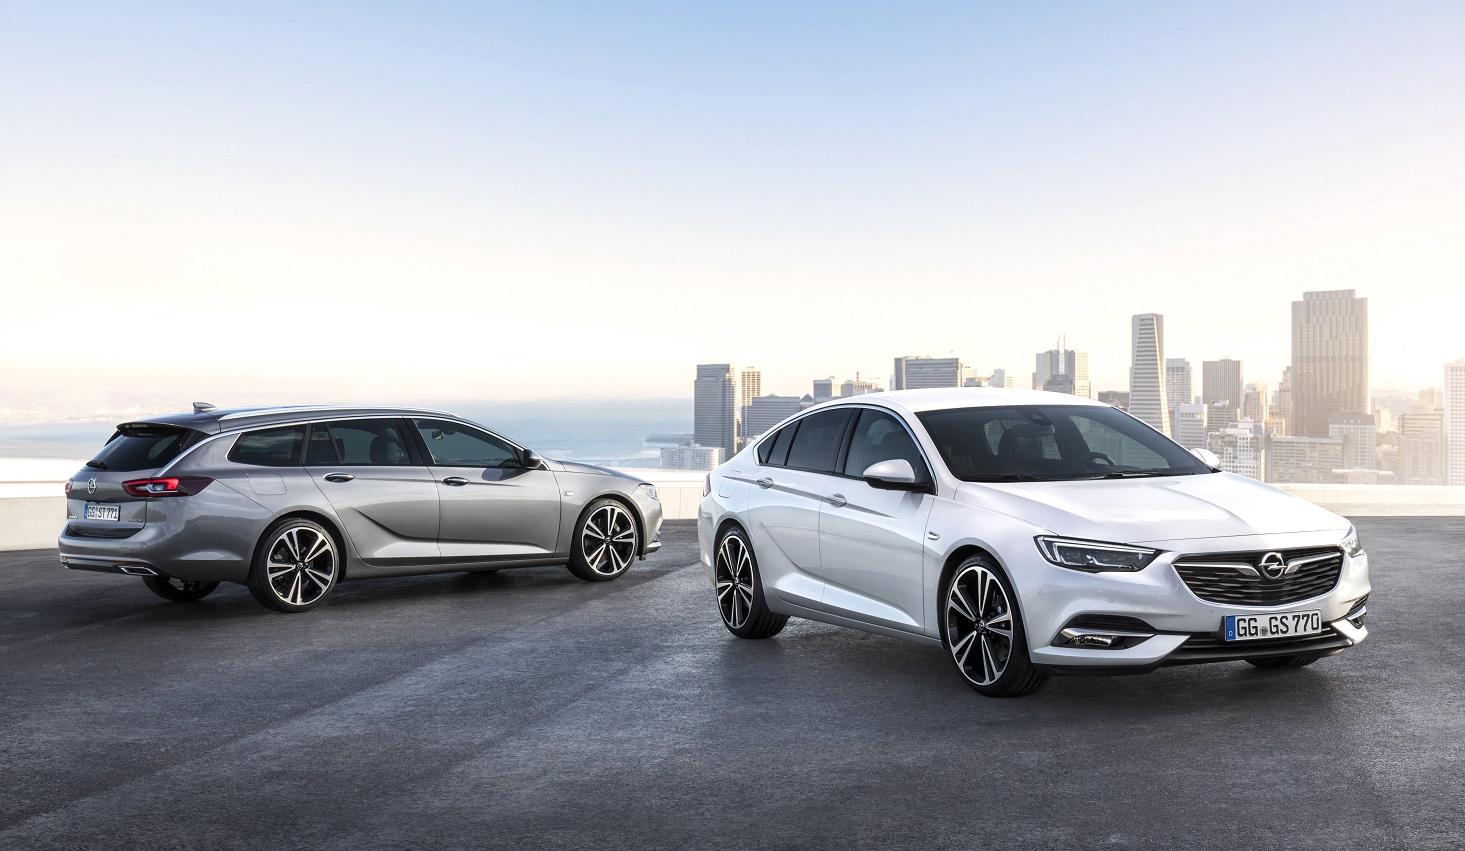 Más espacio, deportividad absoluta y todos los sistemas tecnológicos. De conectividad y de seguridad presentes en el nuevo Opel Insignia y la versión familiar Sport Tourer.